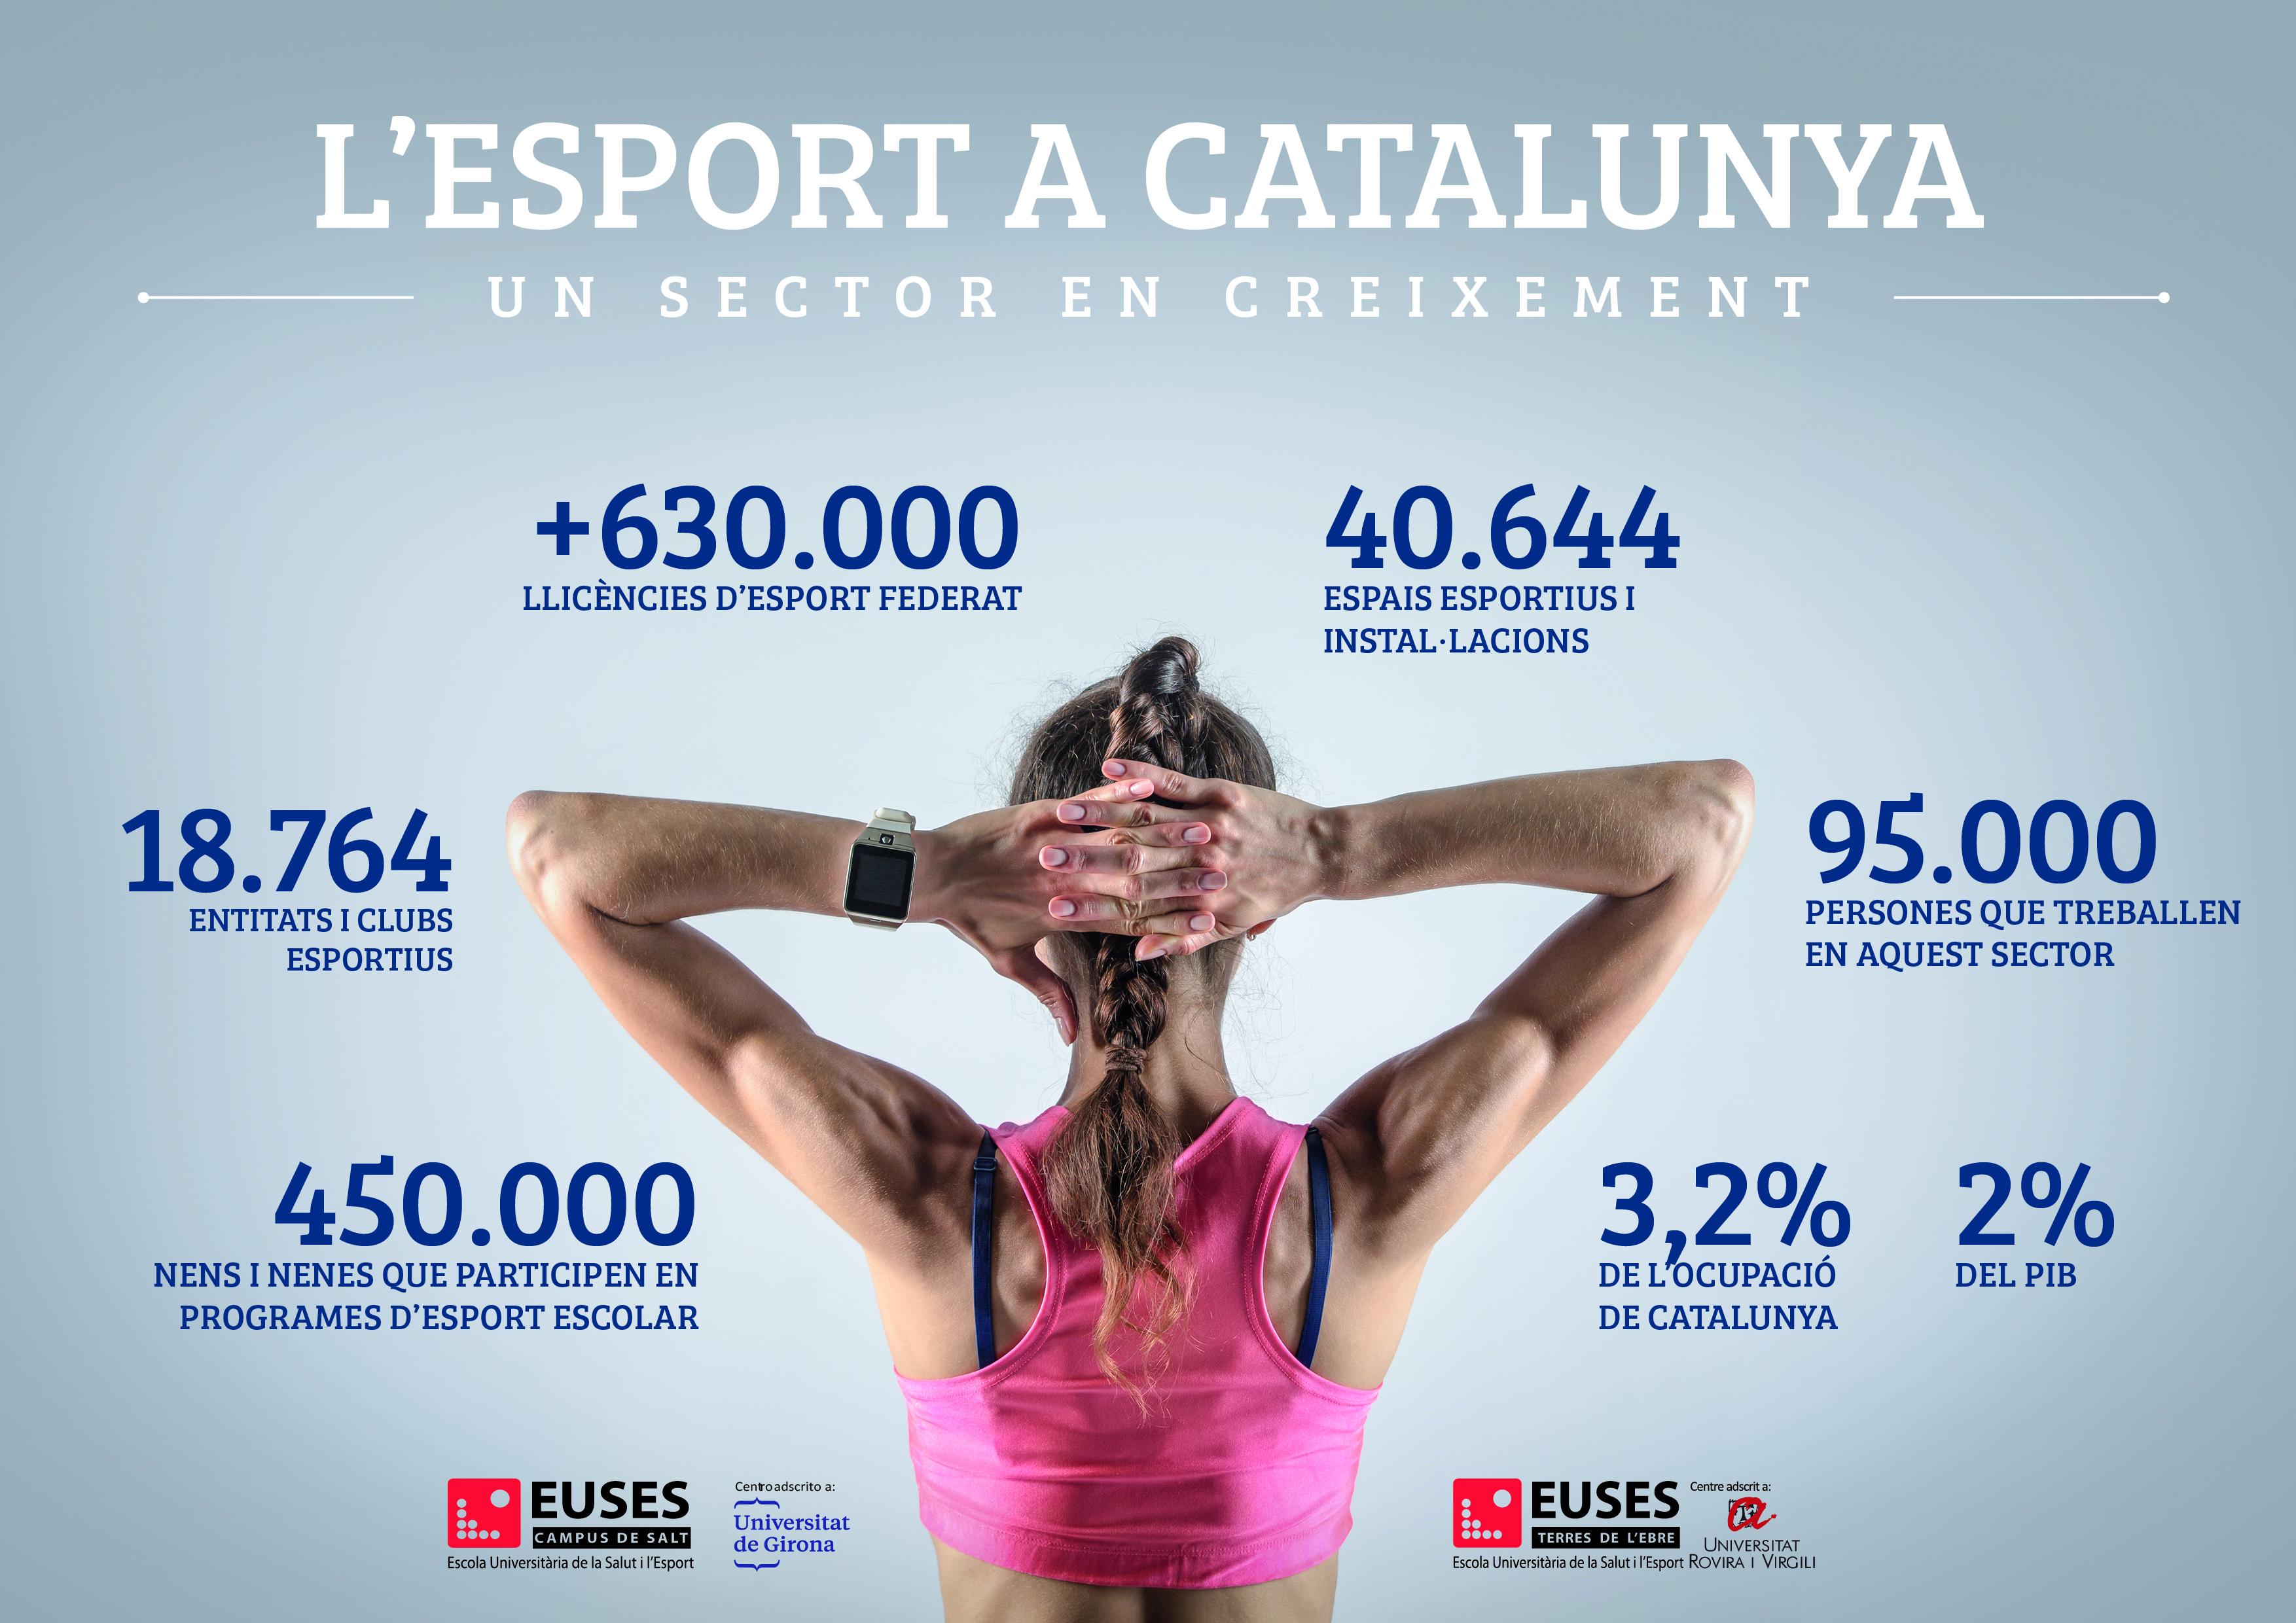 L'esport a Catalunya: un sector en creixement